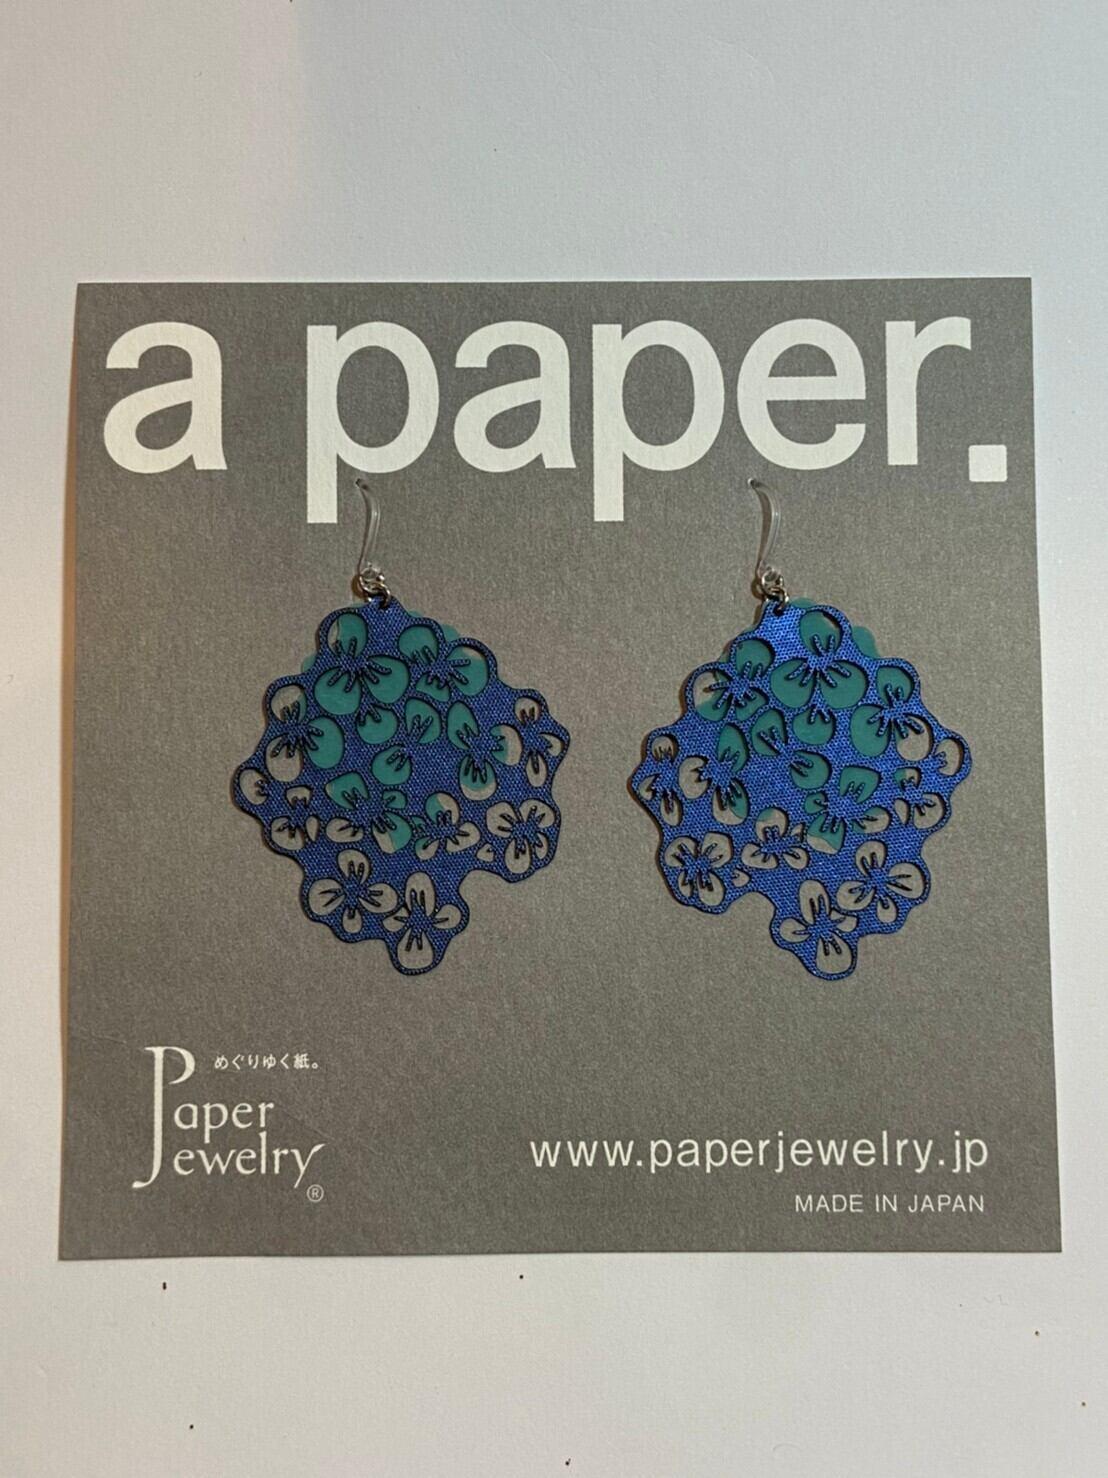 【Paper Jewely】ボン/ピアス